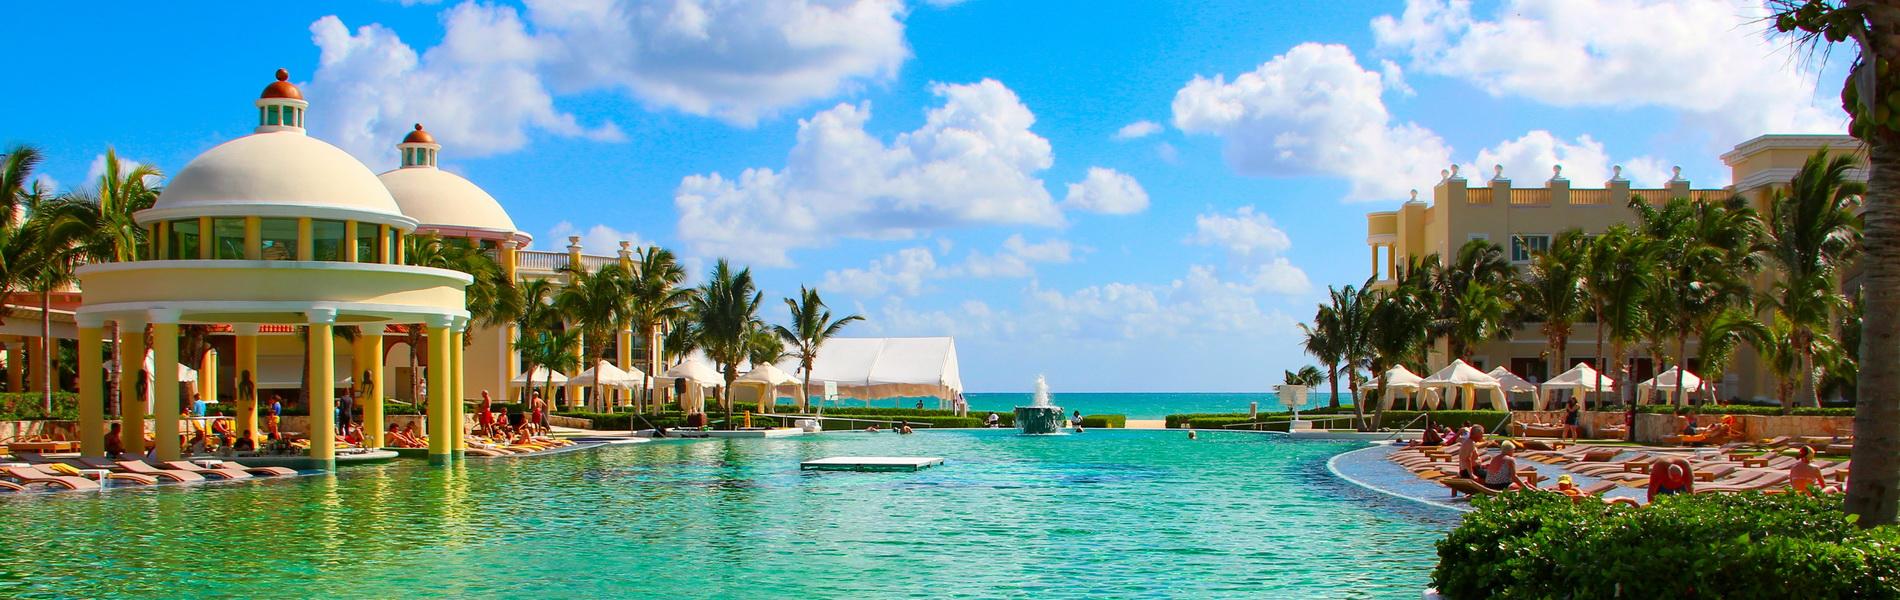 Pool eines Hotels, Meer im Hintergrund